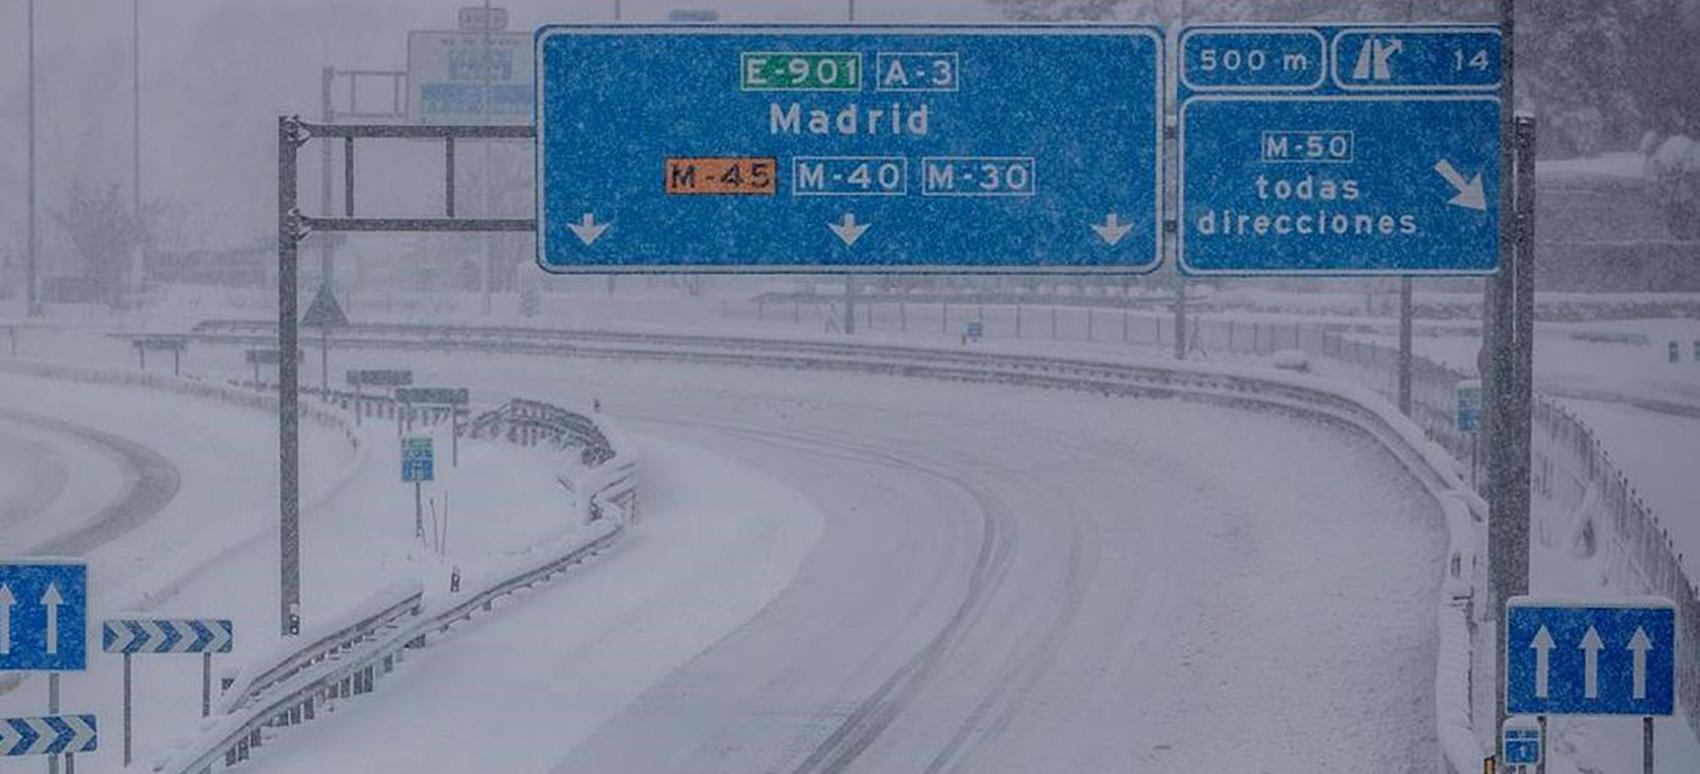 Blizzard in Spain